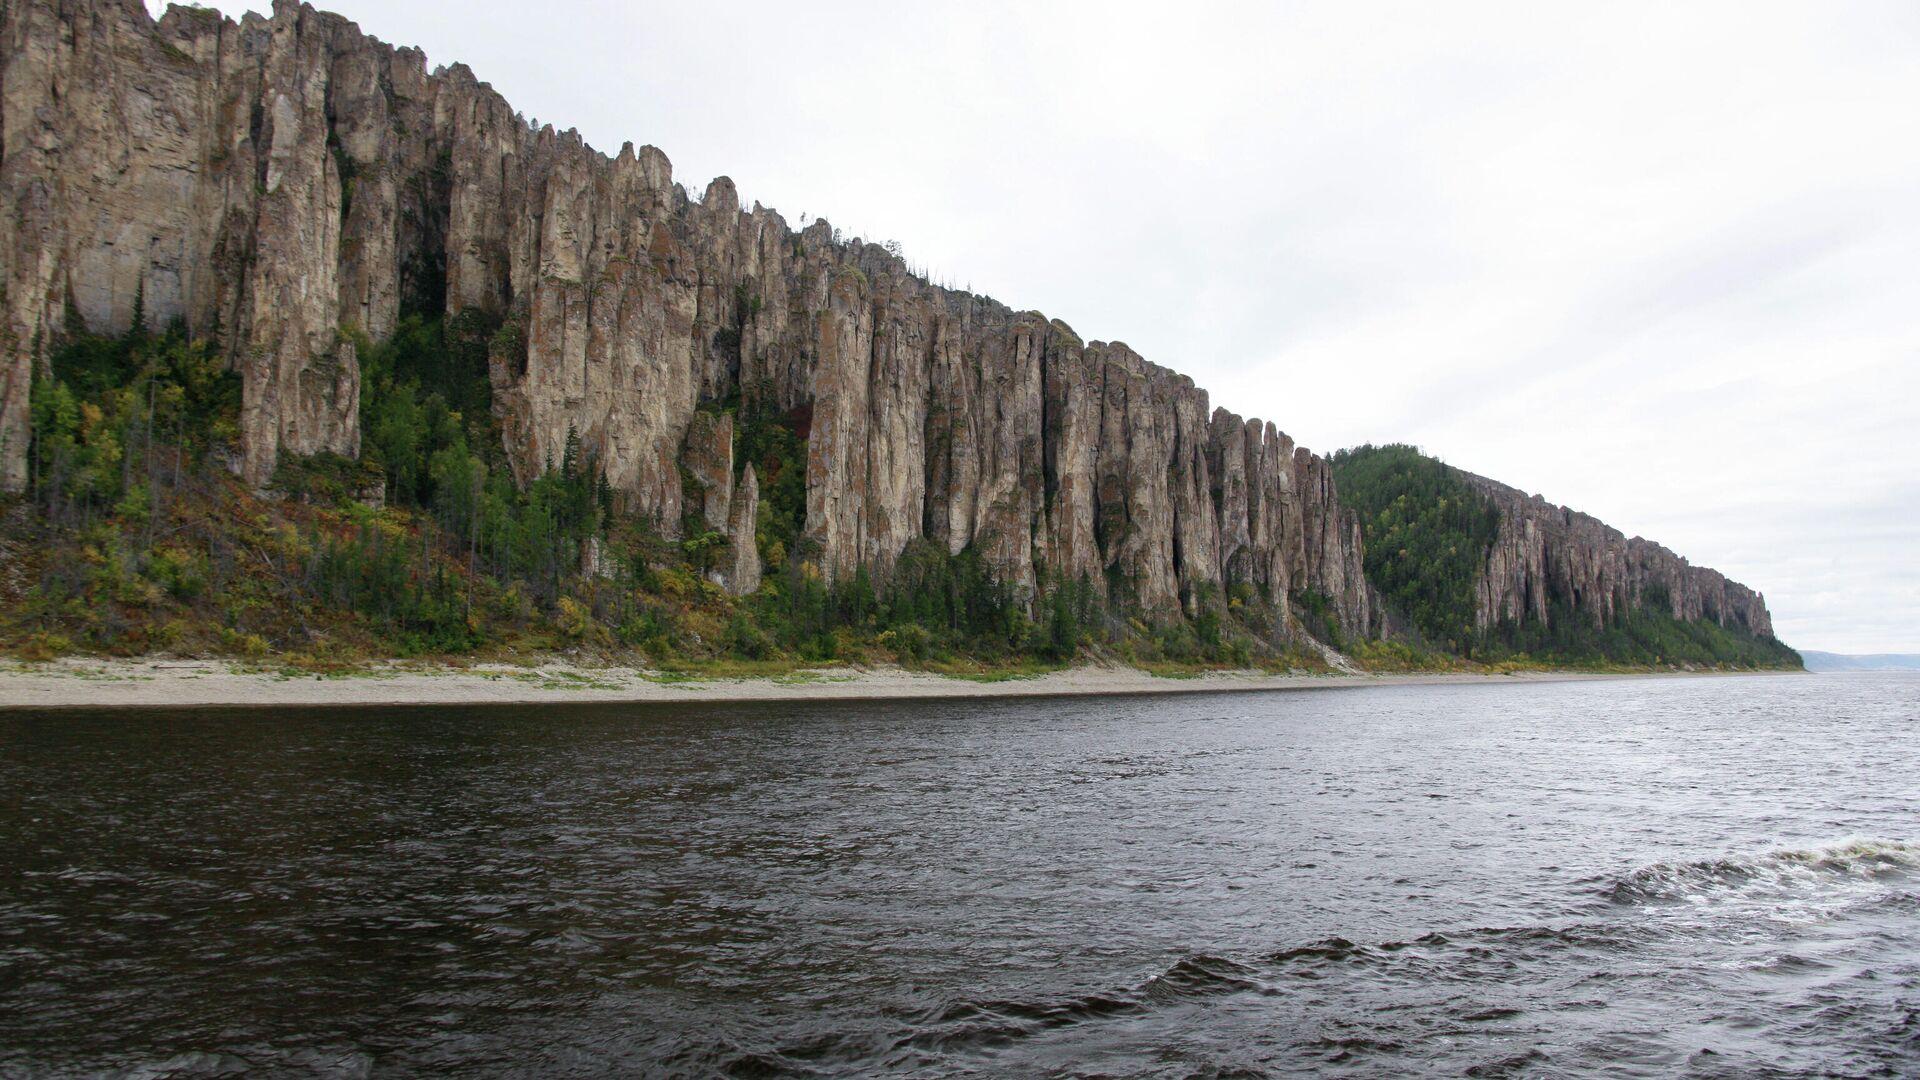 Национальный природный паркЛенские столбы в Якутии - РИА Новости, 1920, 07.06.2021